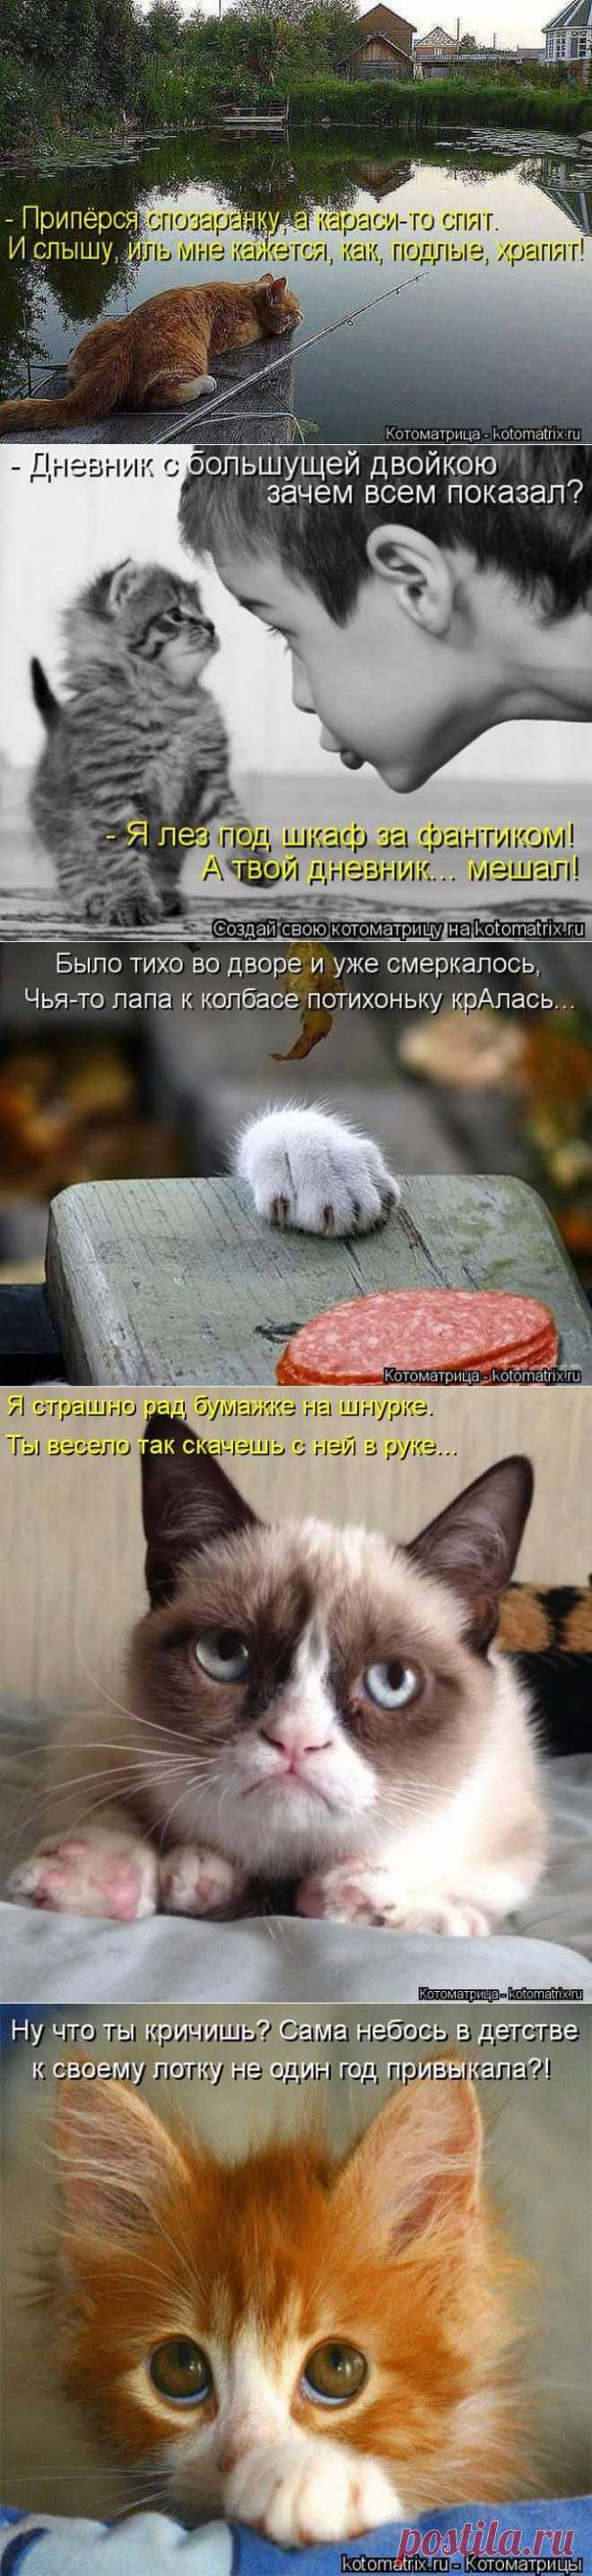 Лучшие котоматрицы недели | ТурПрикол